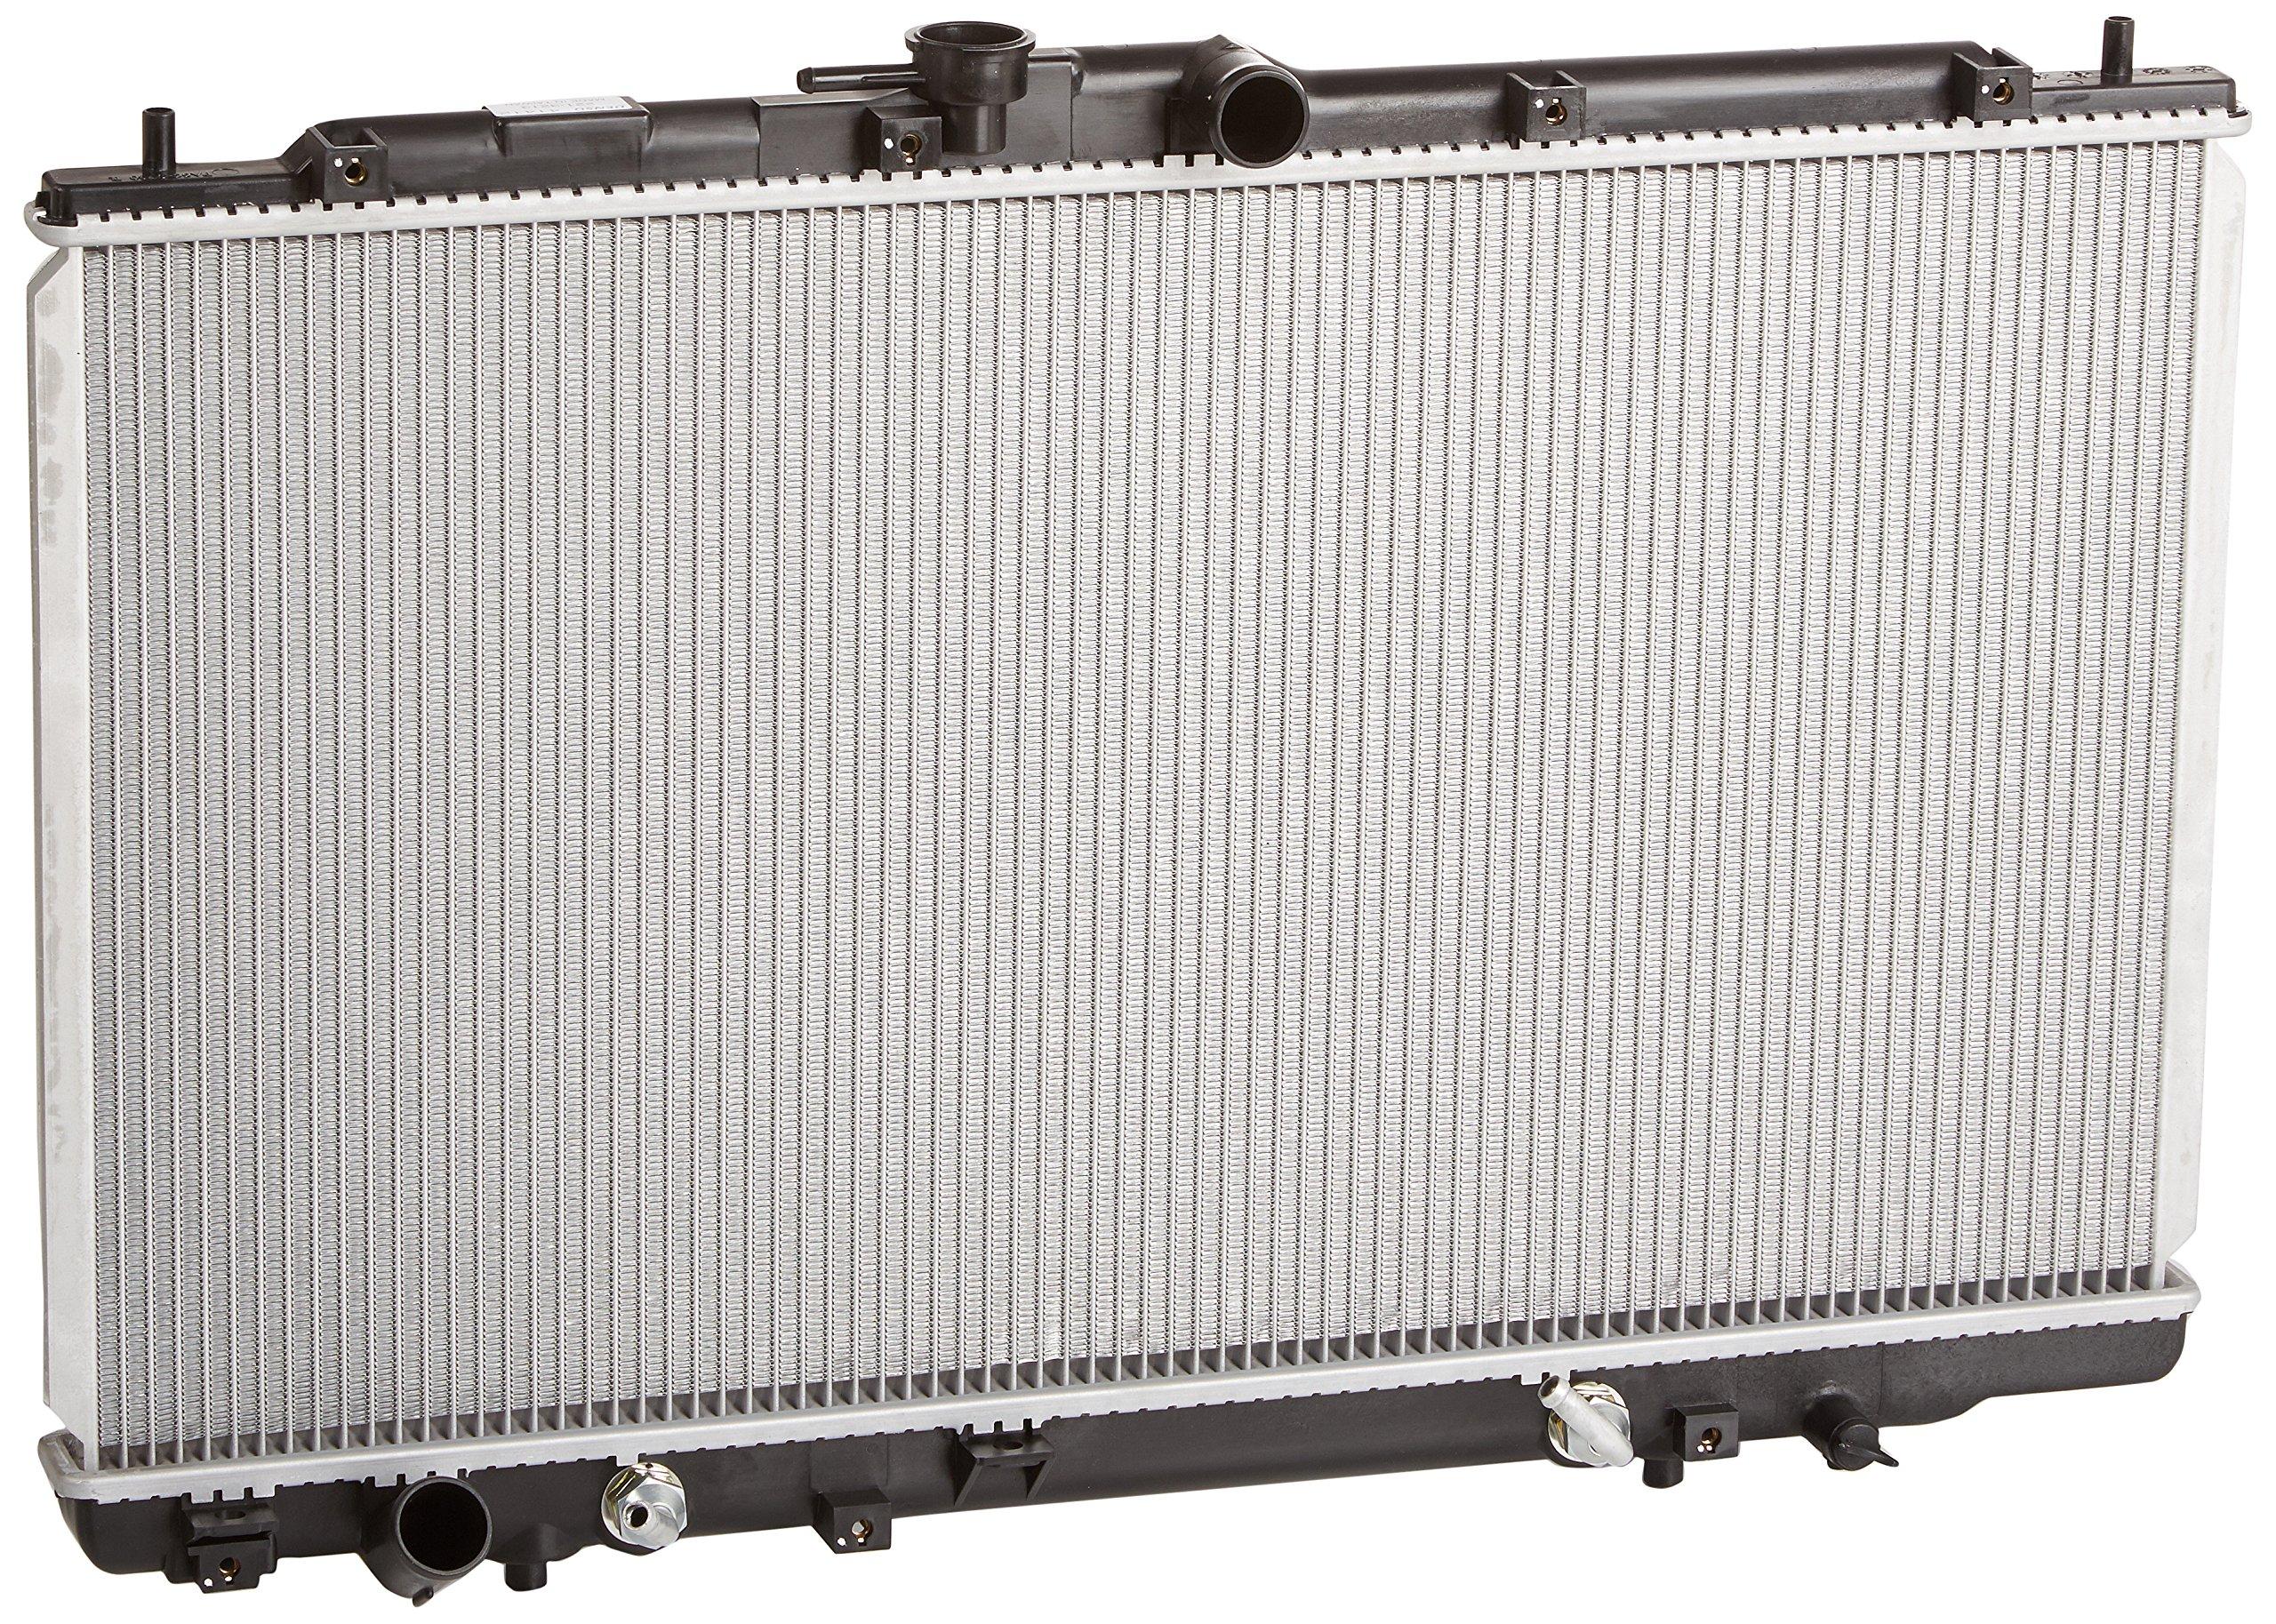 Prime Choice Auto Parts RK1483 Aluminum Radiator